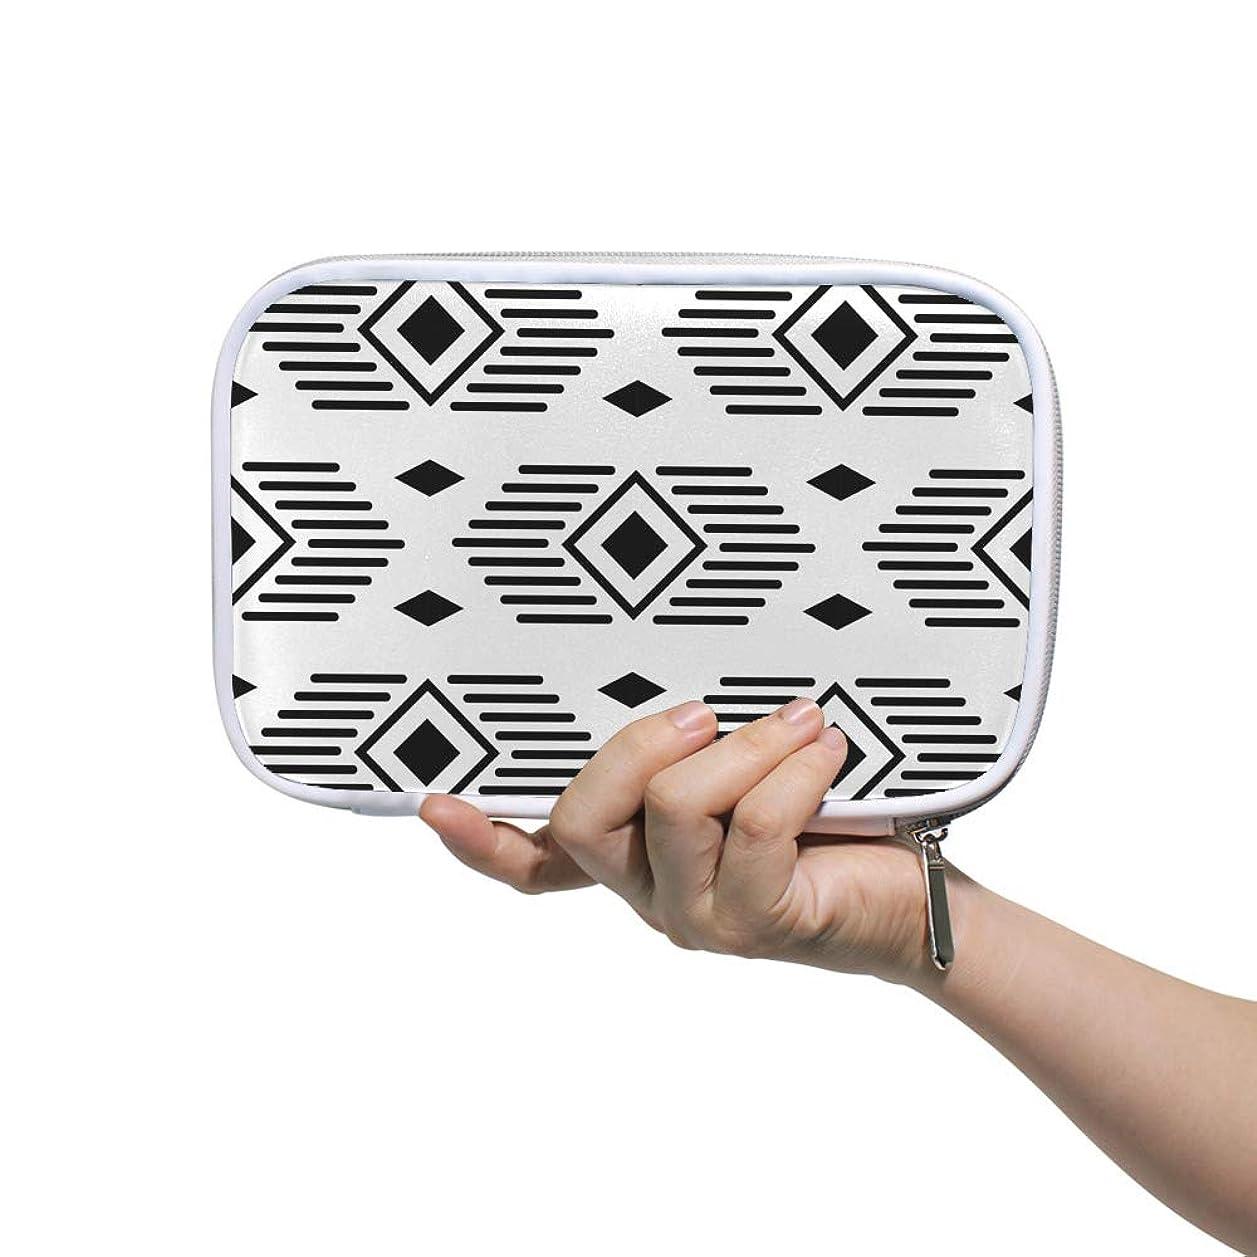 過剰効能ある新しさZHIMI 化粧ポーチ メイクポーチ レディース コンパクト 柔らかい おしゃれ コスメケース 化粧品収納バッグ 綺麗な幾何学柄 機能的 防水 軽量 小物入れ 出張 海外旅行グッズ パスポートケースとしても適用